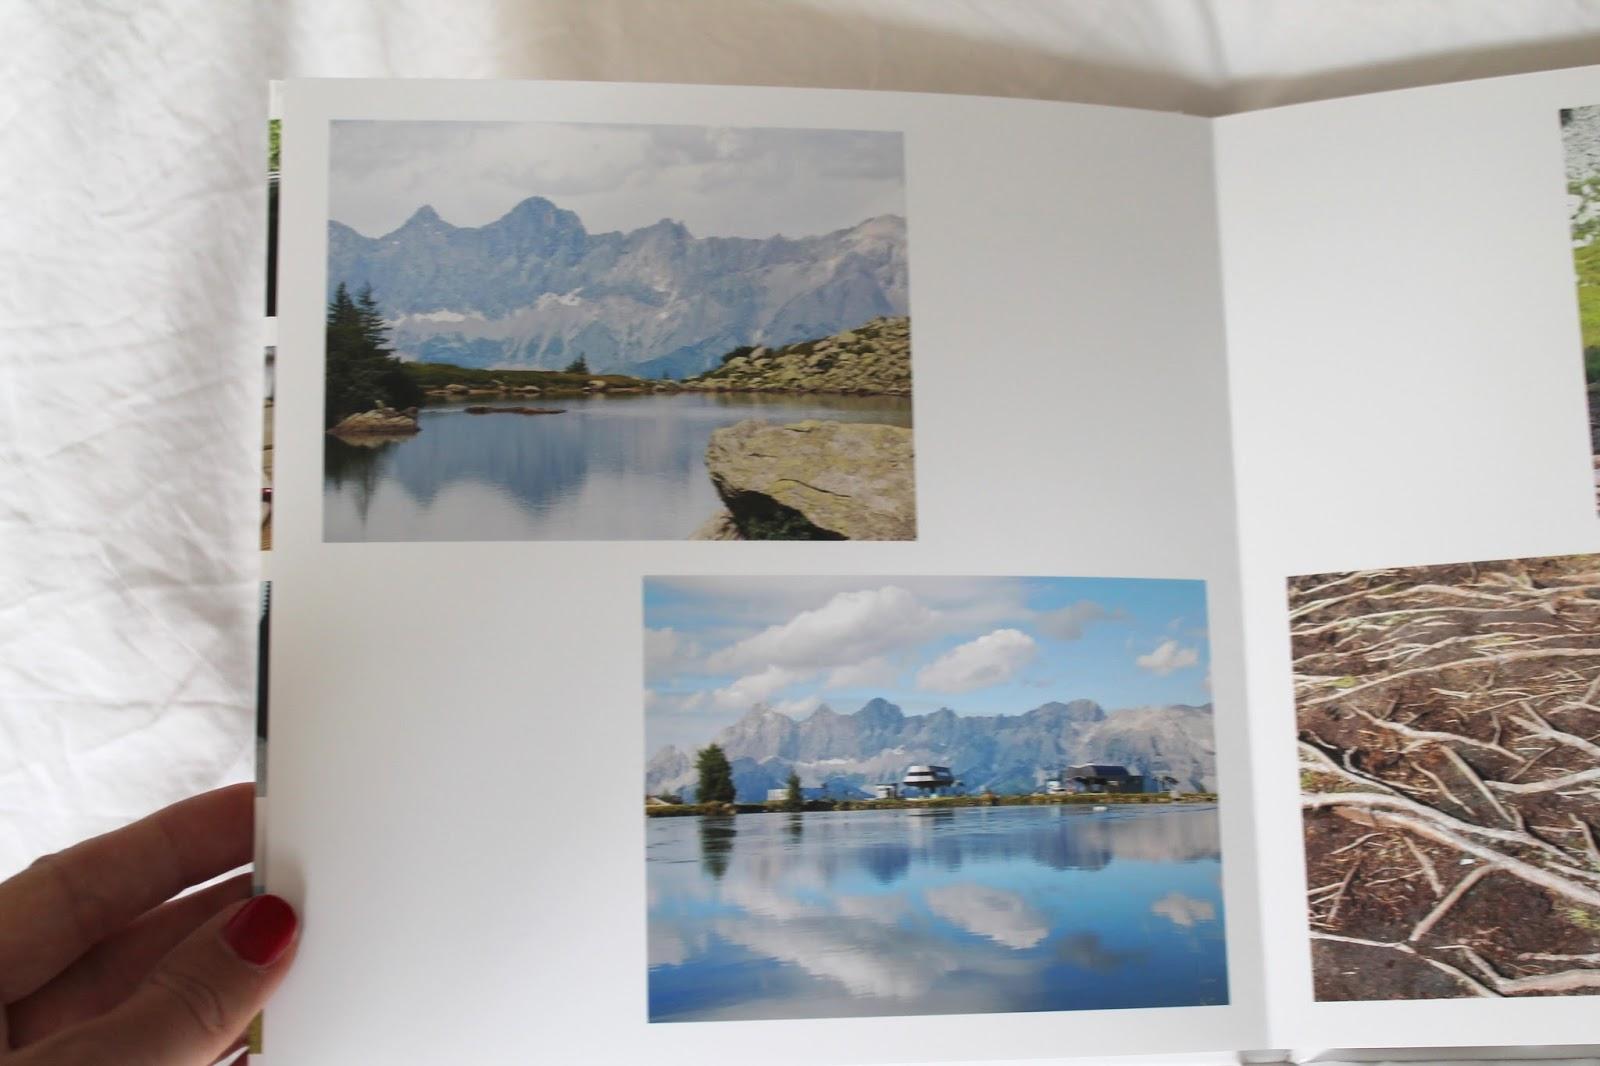 Fotobuch Urlaubserinnerung Innenseiten